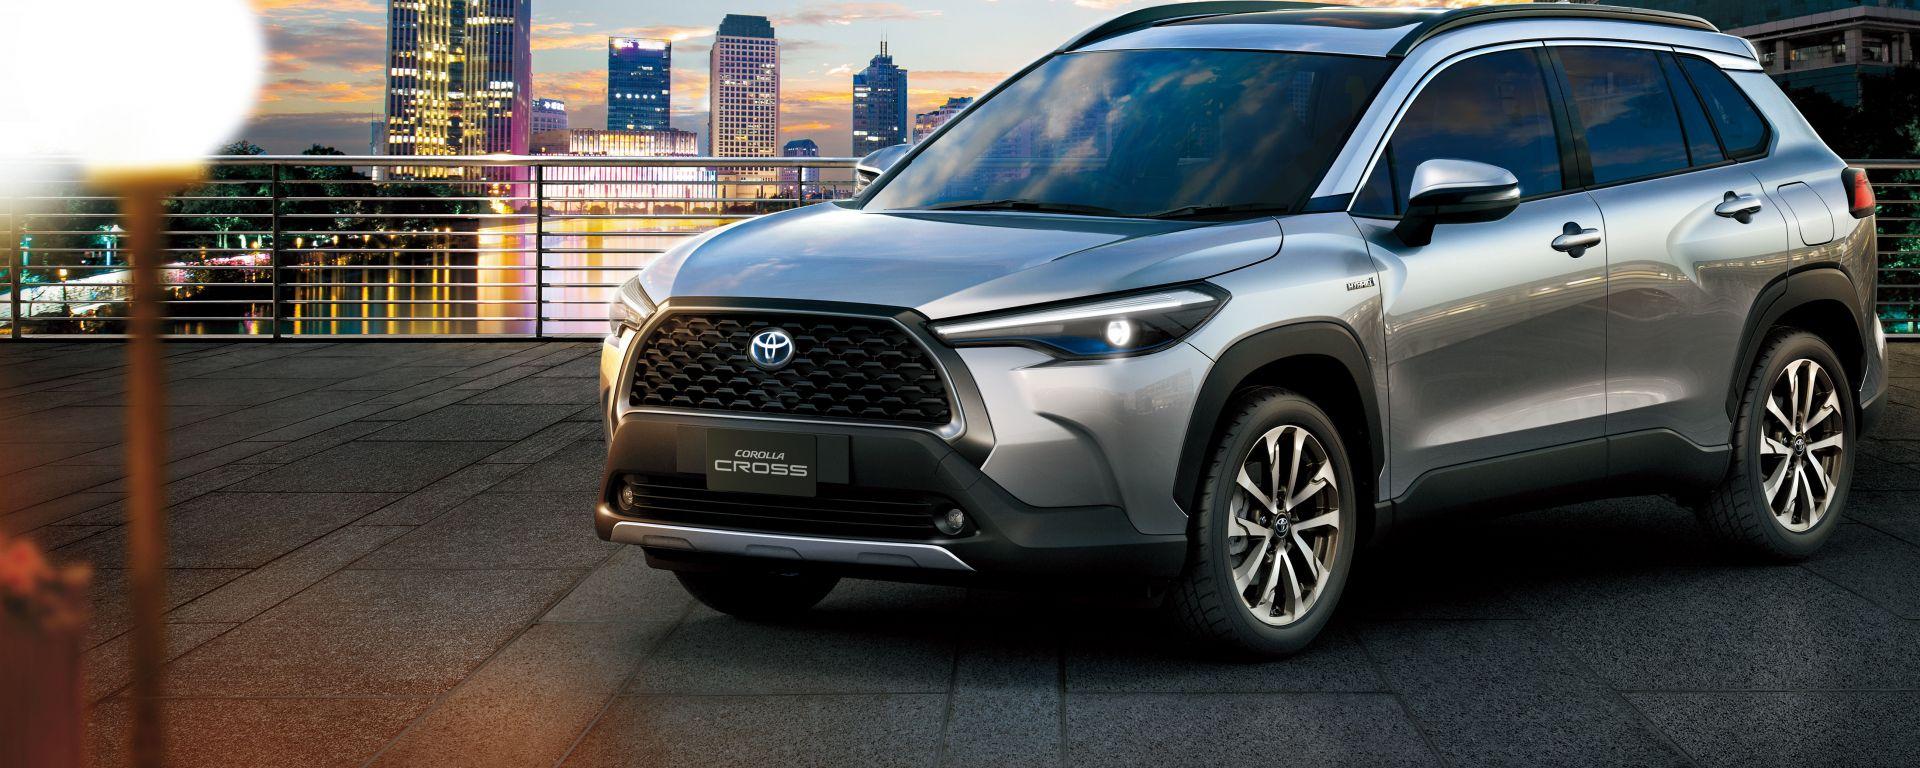 Nuova Toyota Corolla Cross: il frontale